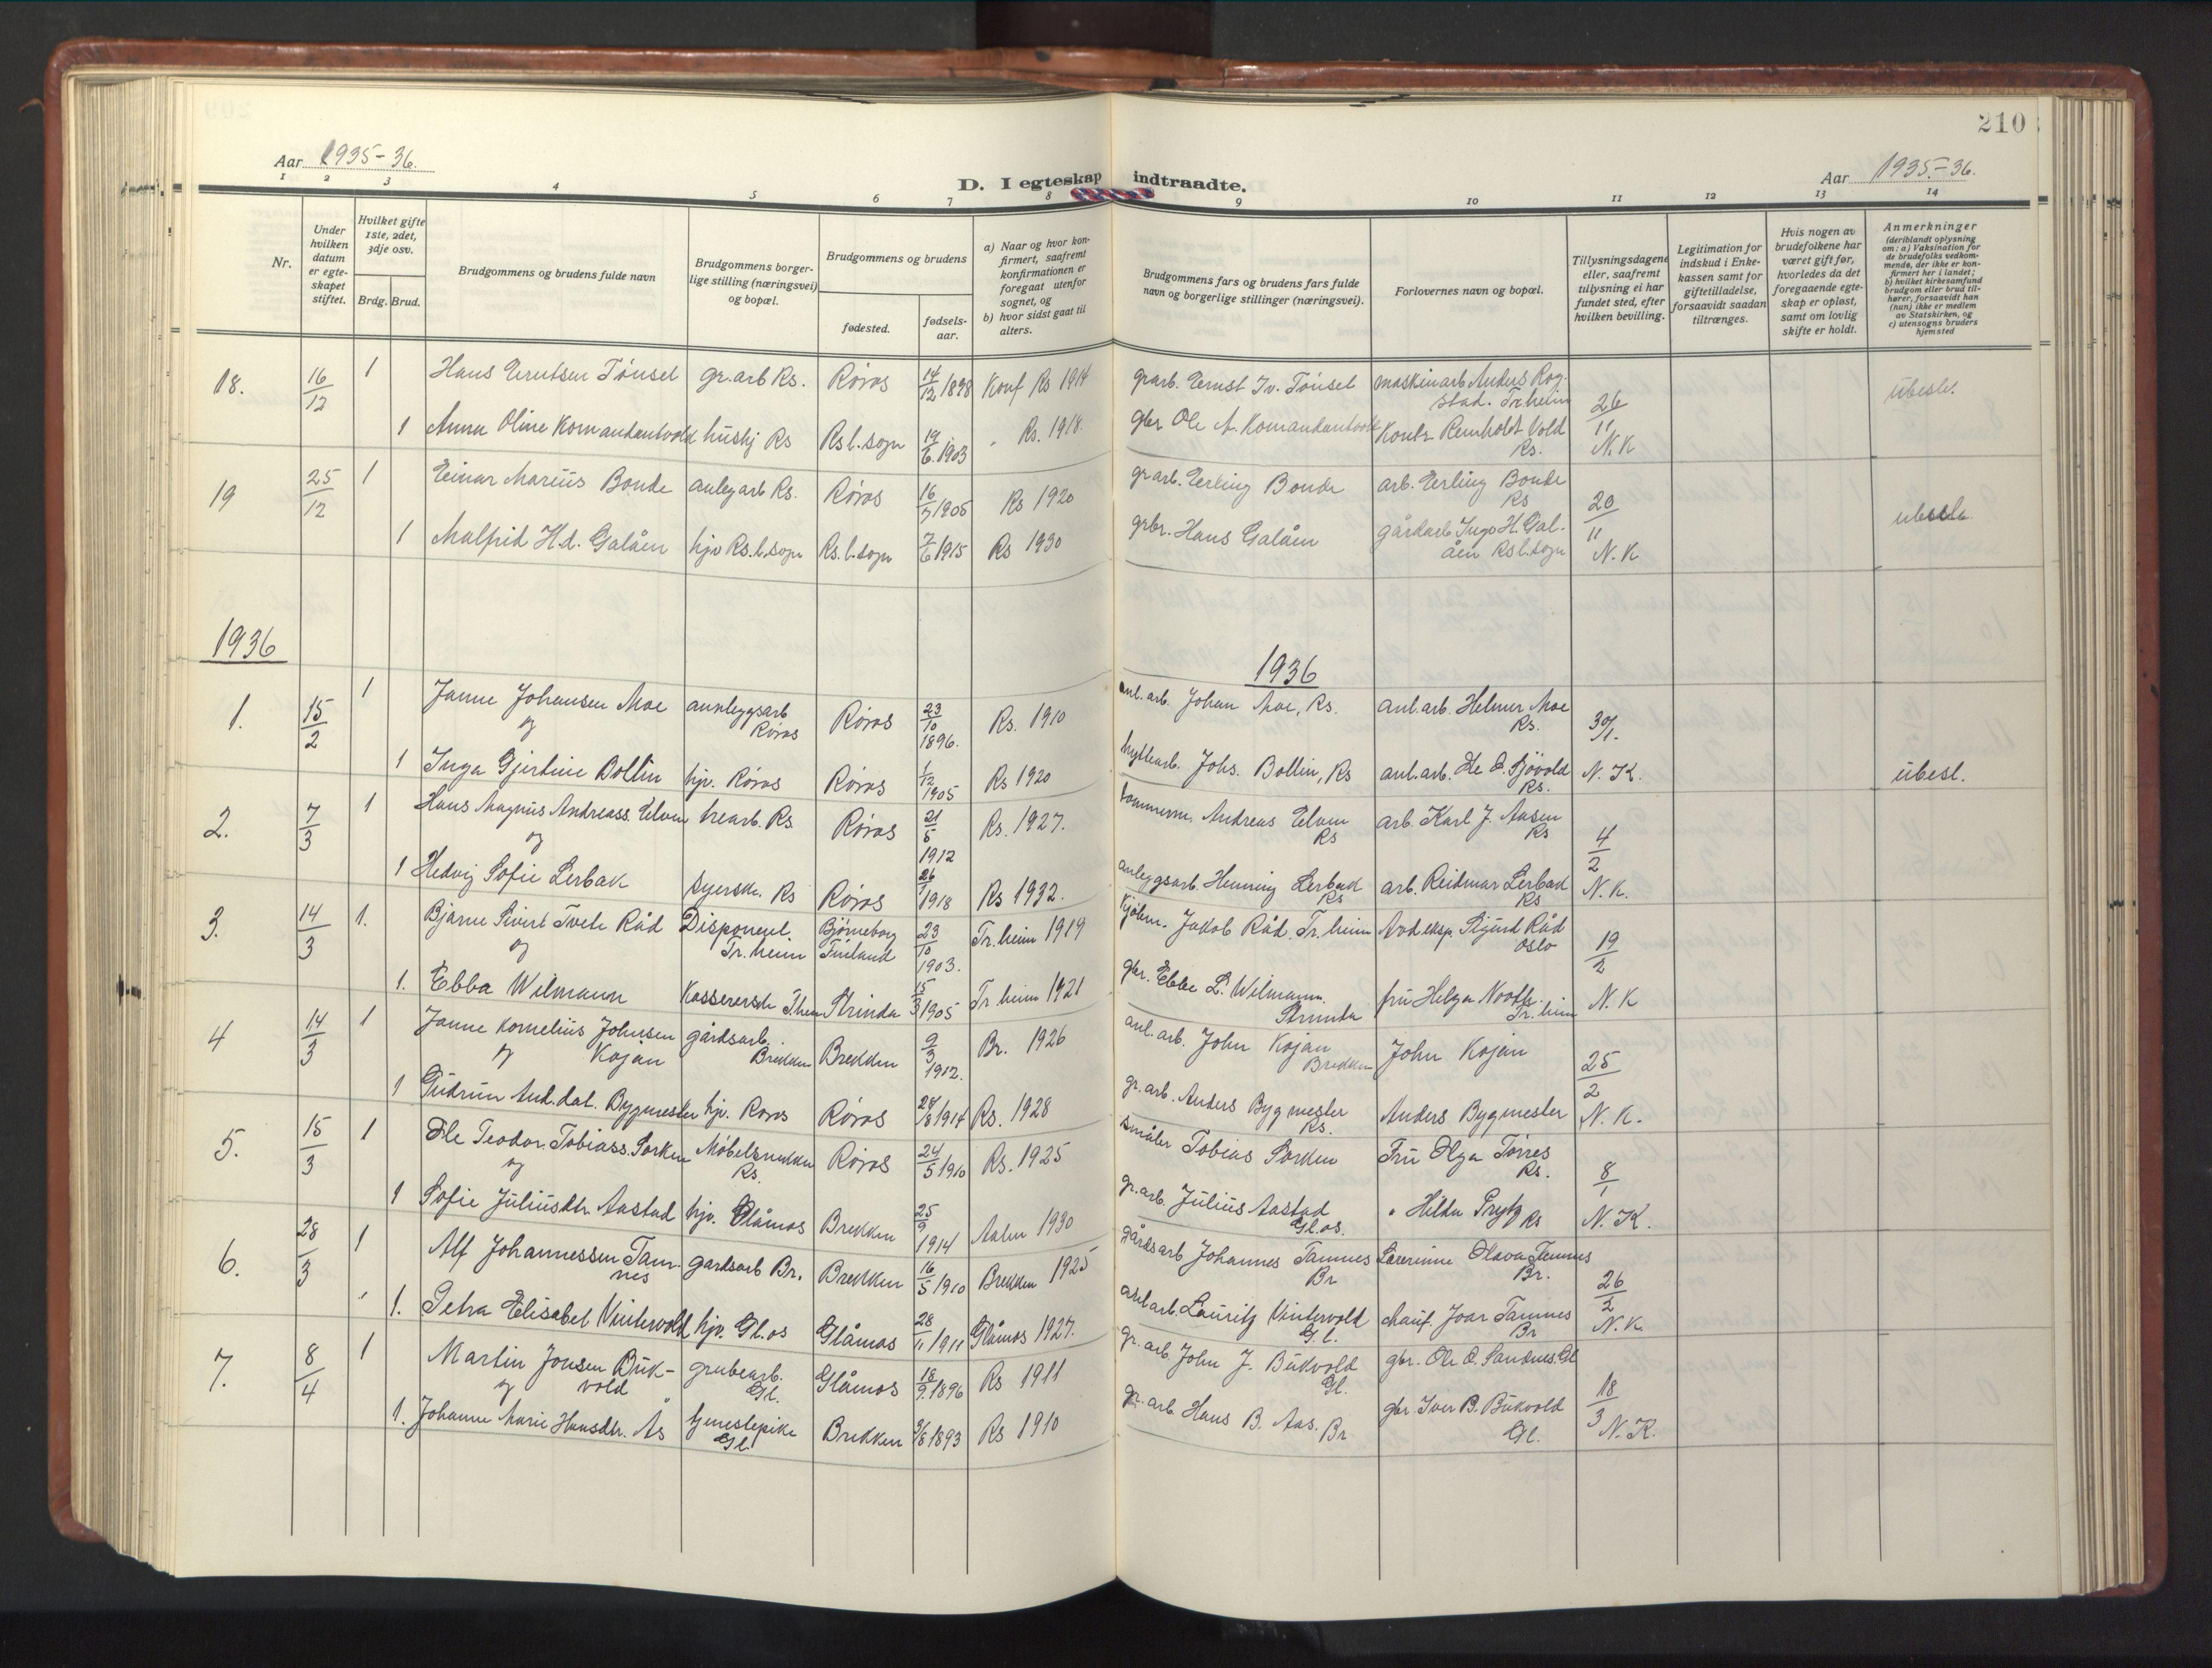 SAT, Ministerialprotokoller, klokkerbøker og fødselsregistre - Sør-Trøndelag, 681/L0943: Klokkerbok nr. 681C07, 1926-1954, s. 210